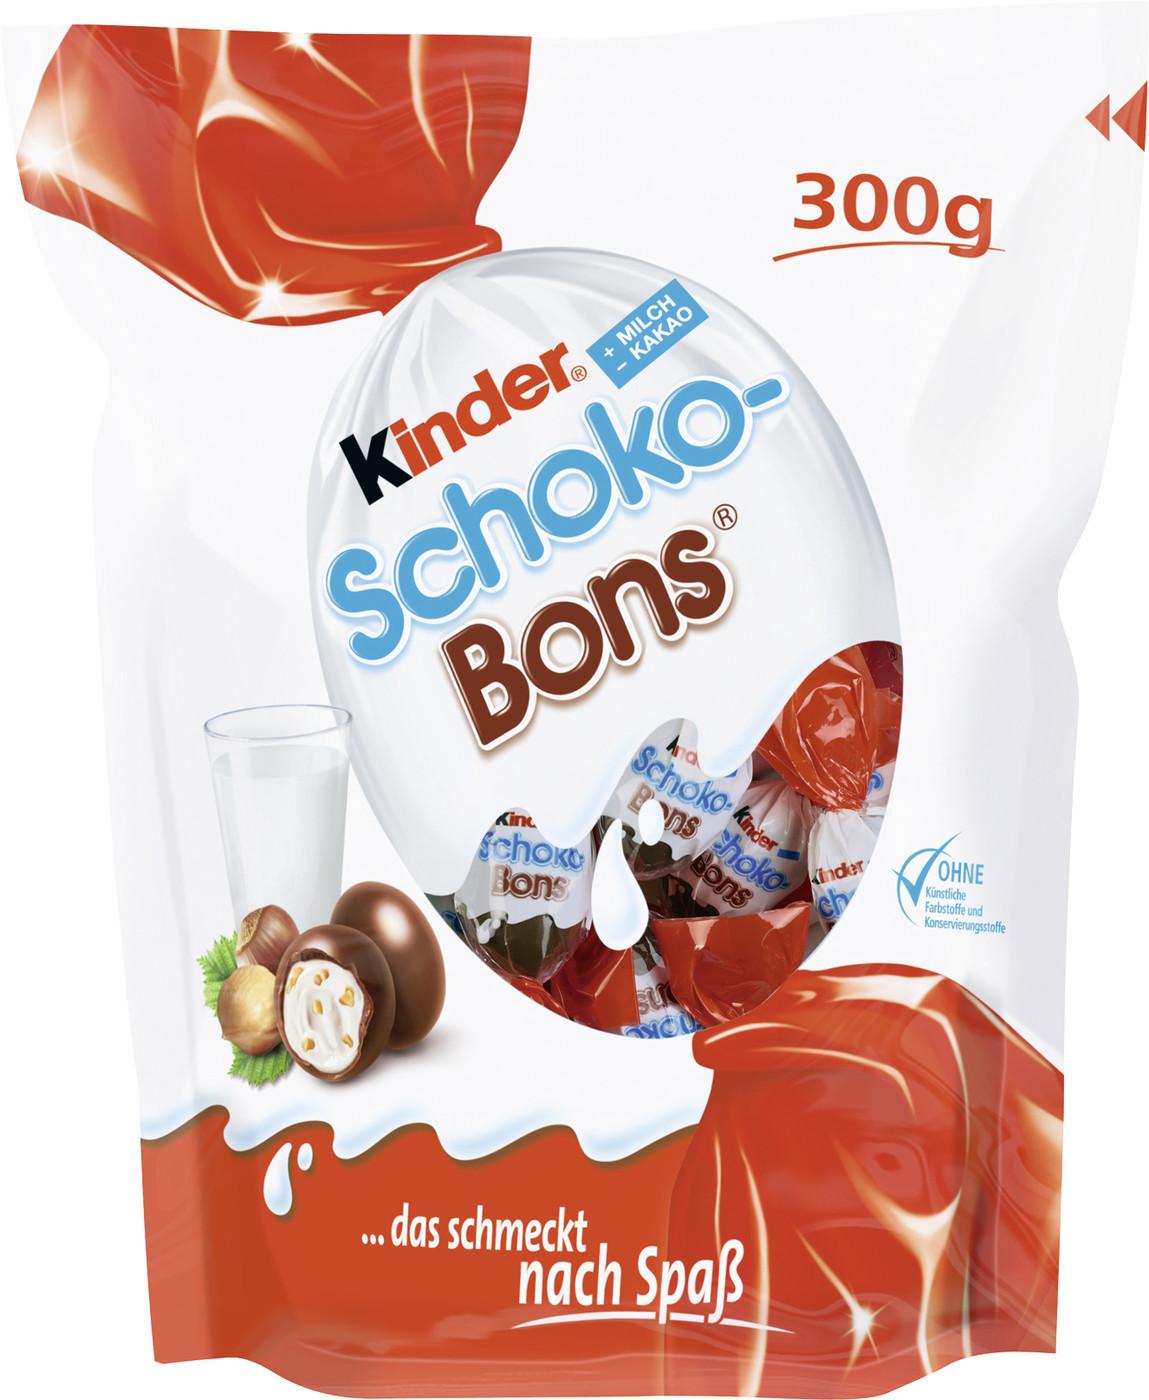 Besondere Geschenkideen von Edeka: Kinder Schoko Bons große Packung